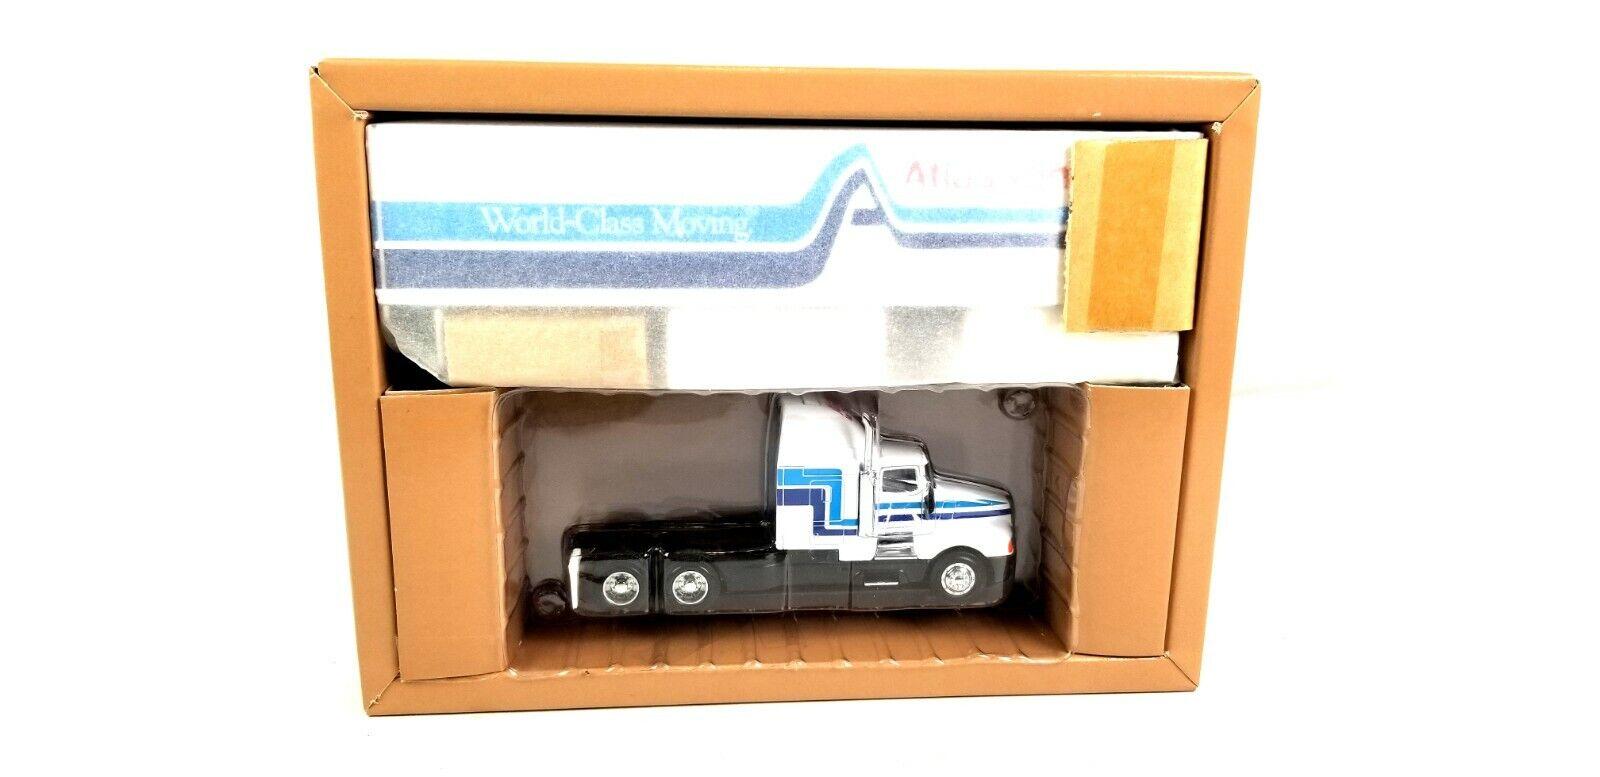 exclusivo Nuevas líneas de PEM HarJuguete    M70509 Atlas van 1 64 Diecast Modelo camión semi plataforma de remolque  100% a estrenar con calidad original.